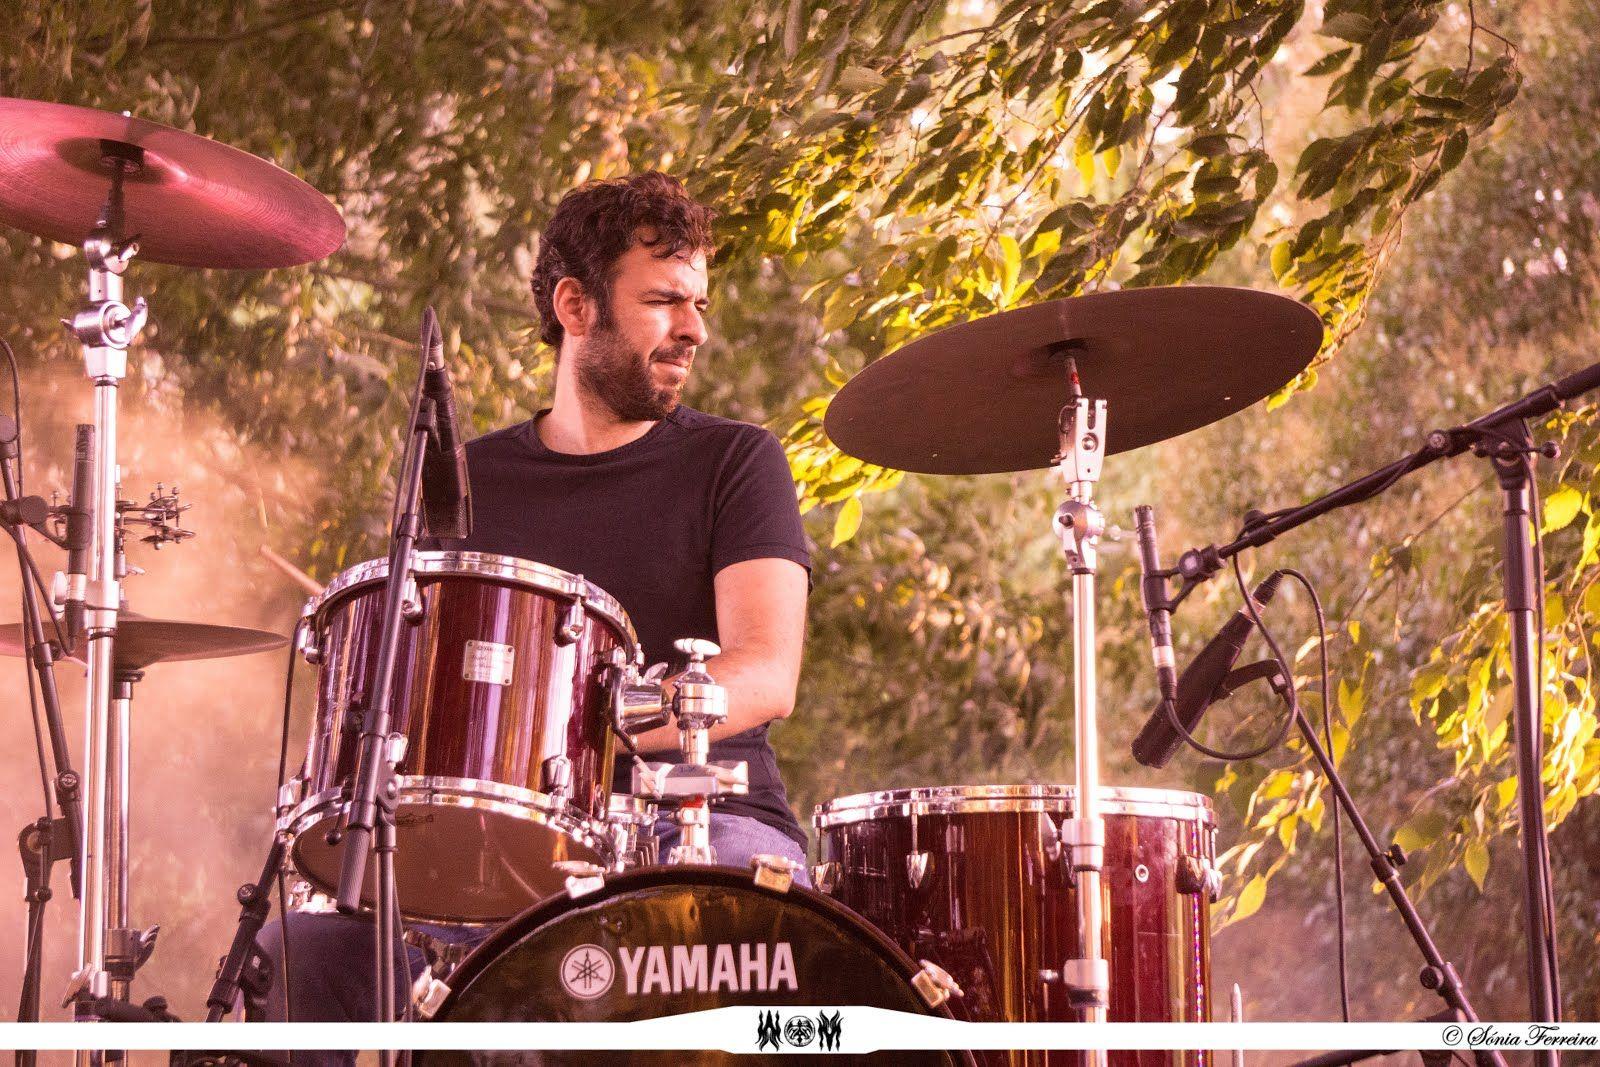 Fotorreportagem Fast Eddie Nelson @ Reverence Valada, 09/09/16 - Parque das Merendas, Valada - World Of Metal